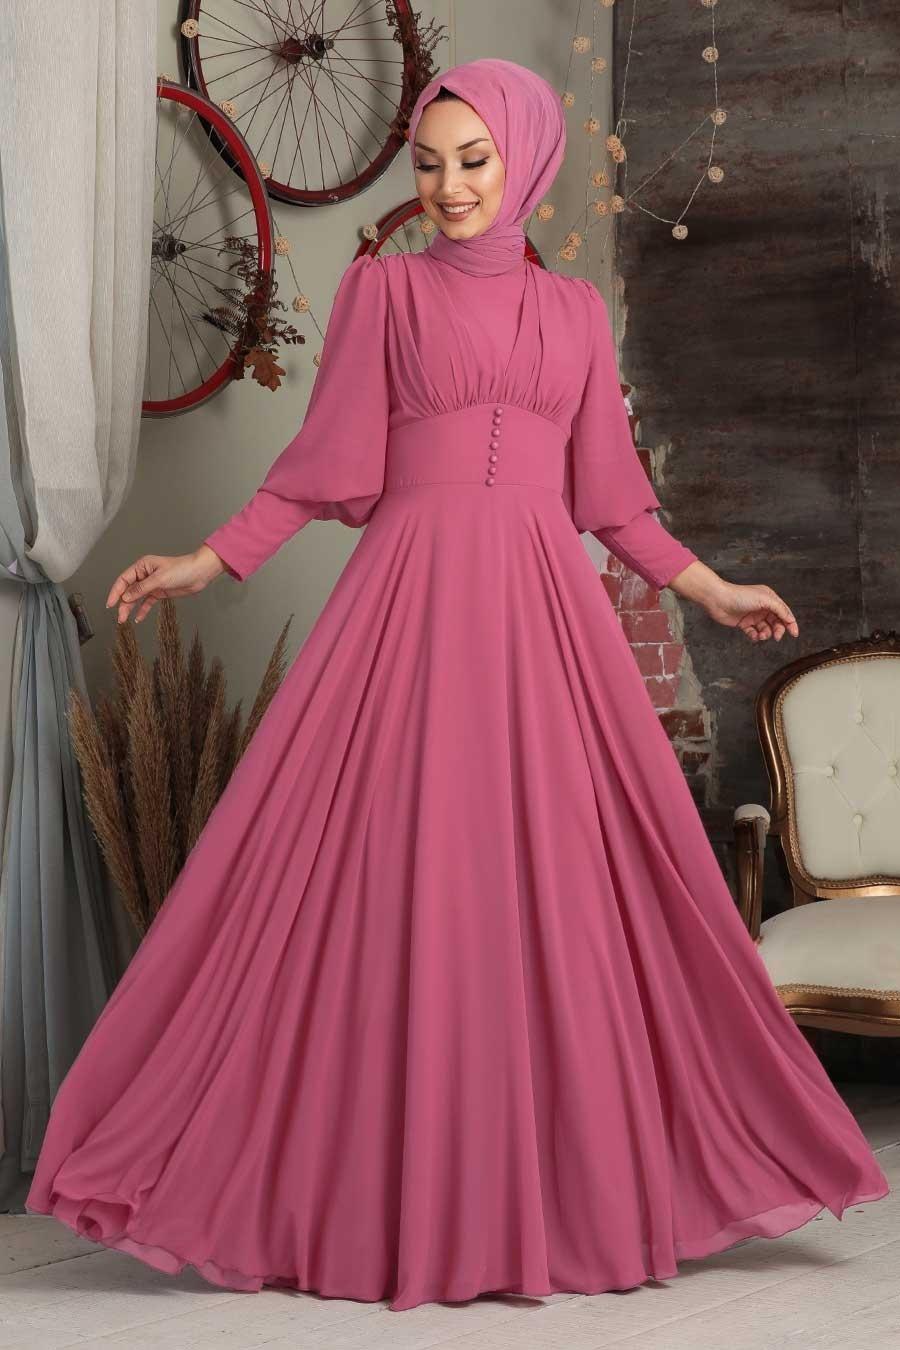 Tesettürlü Abiye Elbise - Düğme Detaylı Fuşya Tesettür Abiye Elbise 53810F